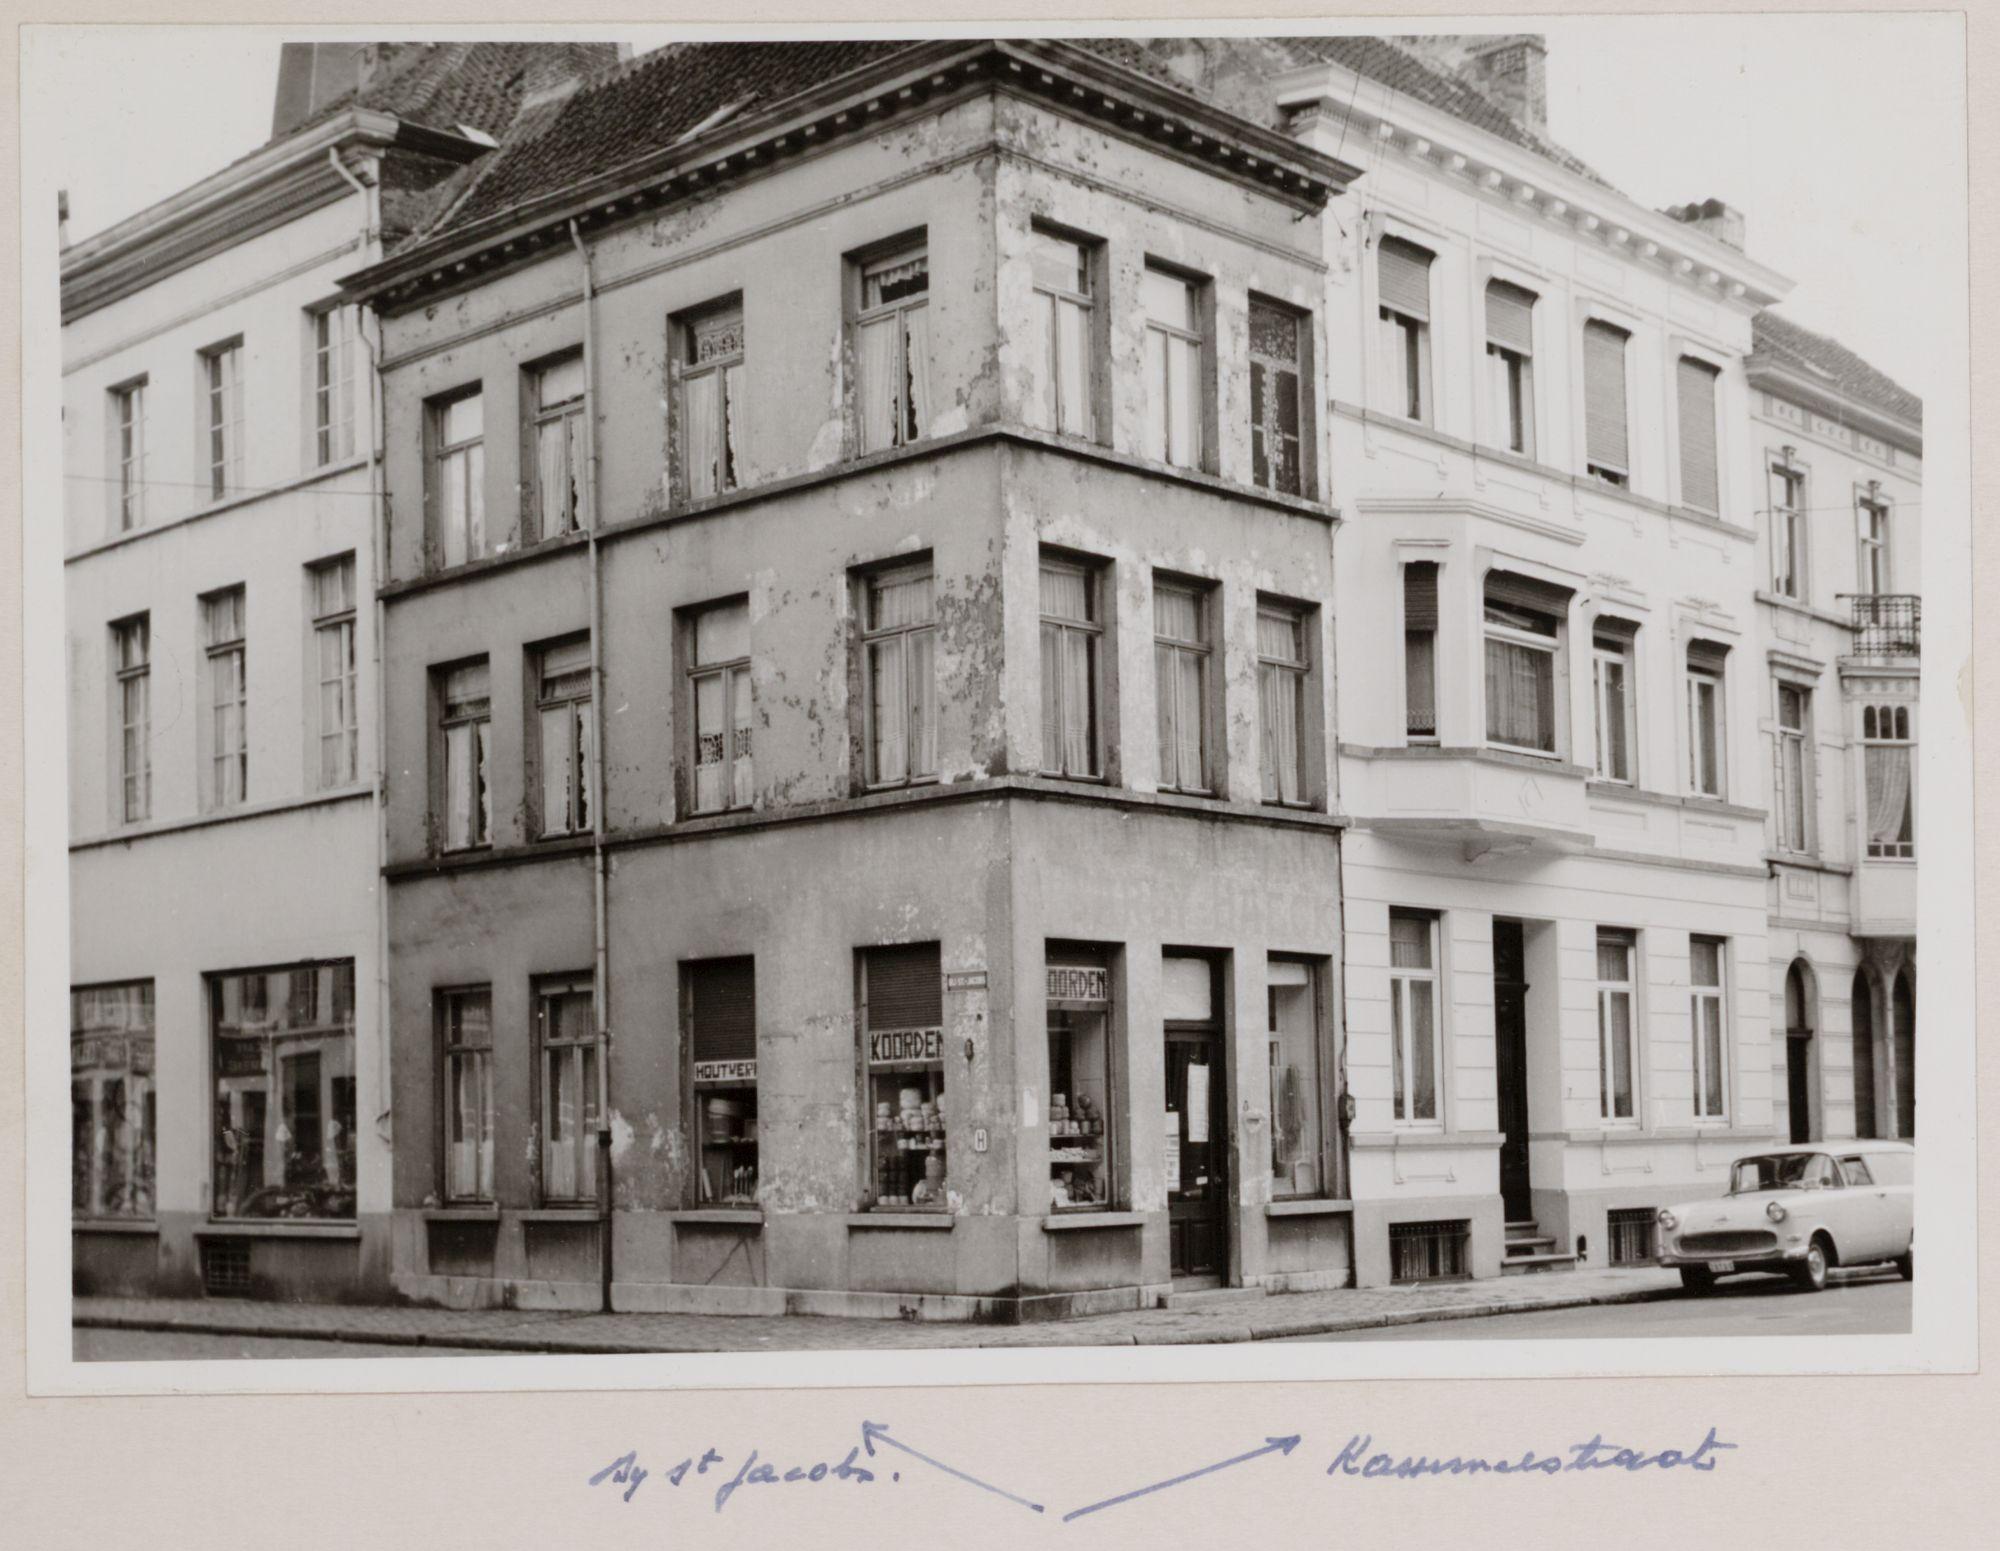 Gent: Kammerstraat, Bij Sint-Jacobs